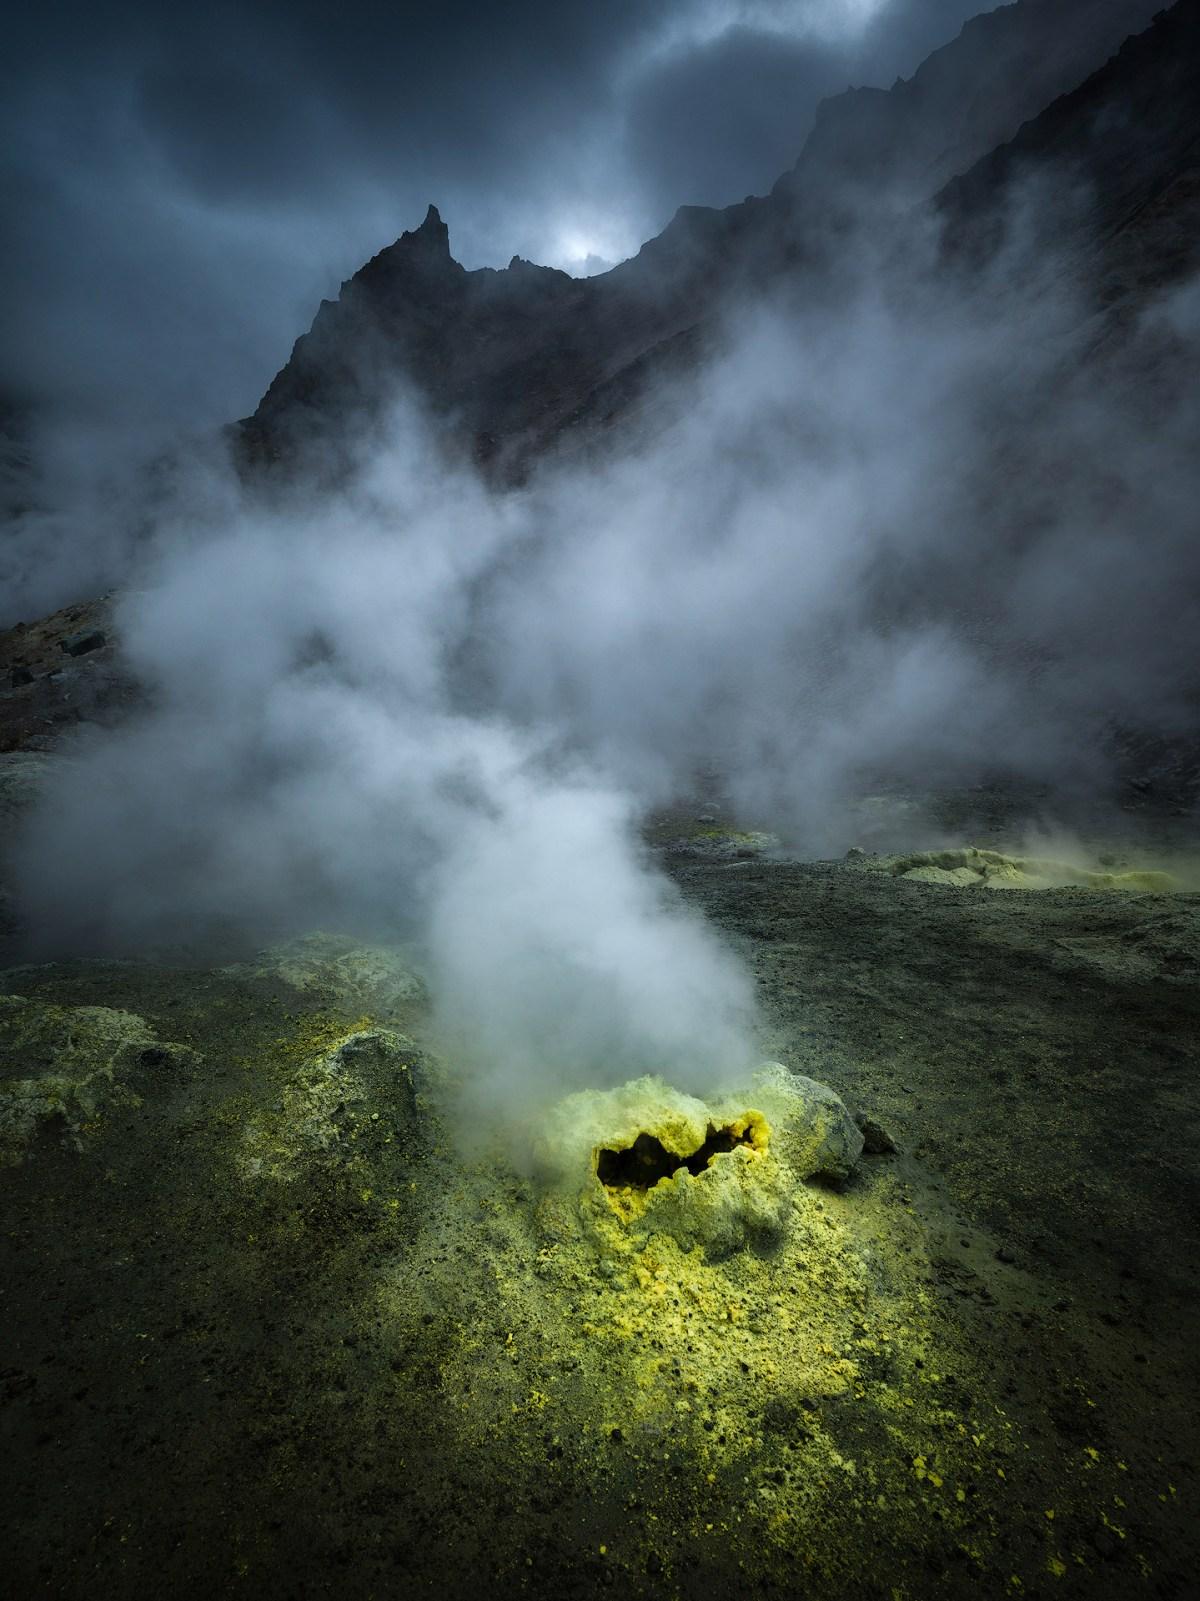 kamchatka-moss-and-fog-4